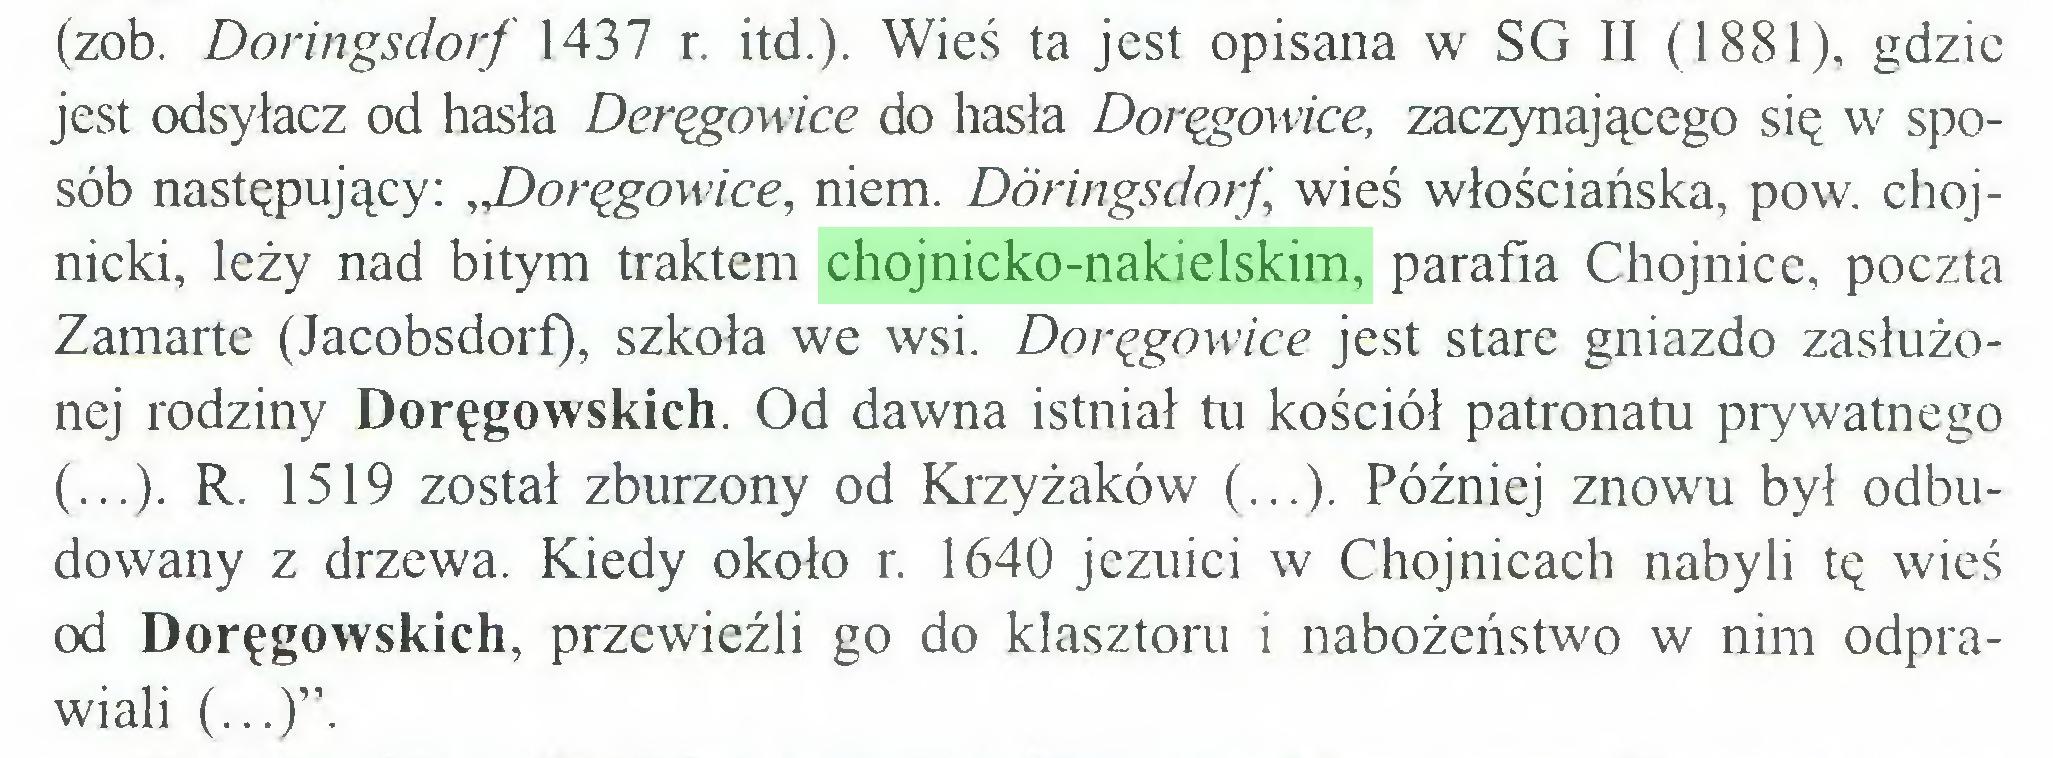 """(...) (zob. Doringsdorf 1437 r. itd.). Wieś ta jest opisana w SG II (1881), gdzie jest odsyłacz od hasła Deręgowice do hasła Doręgowice, zaczynającego się w sposób następujący: ,J)oręgowice, niem. Döringsdorf"""", wieś włościańska, pow. chojnicki, leży nad bitym traktem chojnicko-nakielskim, parafia Chojnice, poczta Zamarte (Jacobsdorf), szkoła we wsi. Doręgowice jest stare gniazdo zasłużonej rodziny Doręgowskich. Od dawna istniał tu kościół patronatu prywatnego (...). R. 1519 został zburzony od Krzyżaków (...). Później znowu był odbudowany z drzewa. Kiedy około r. 1640 jezuici w Chojnicach nabyli tę wieś od Doręgowskich, przewieźli go do klasztoru i nabożeństwo w nim odprawiali (...)""""..."""